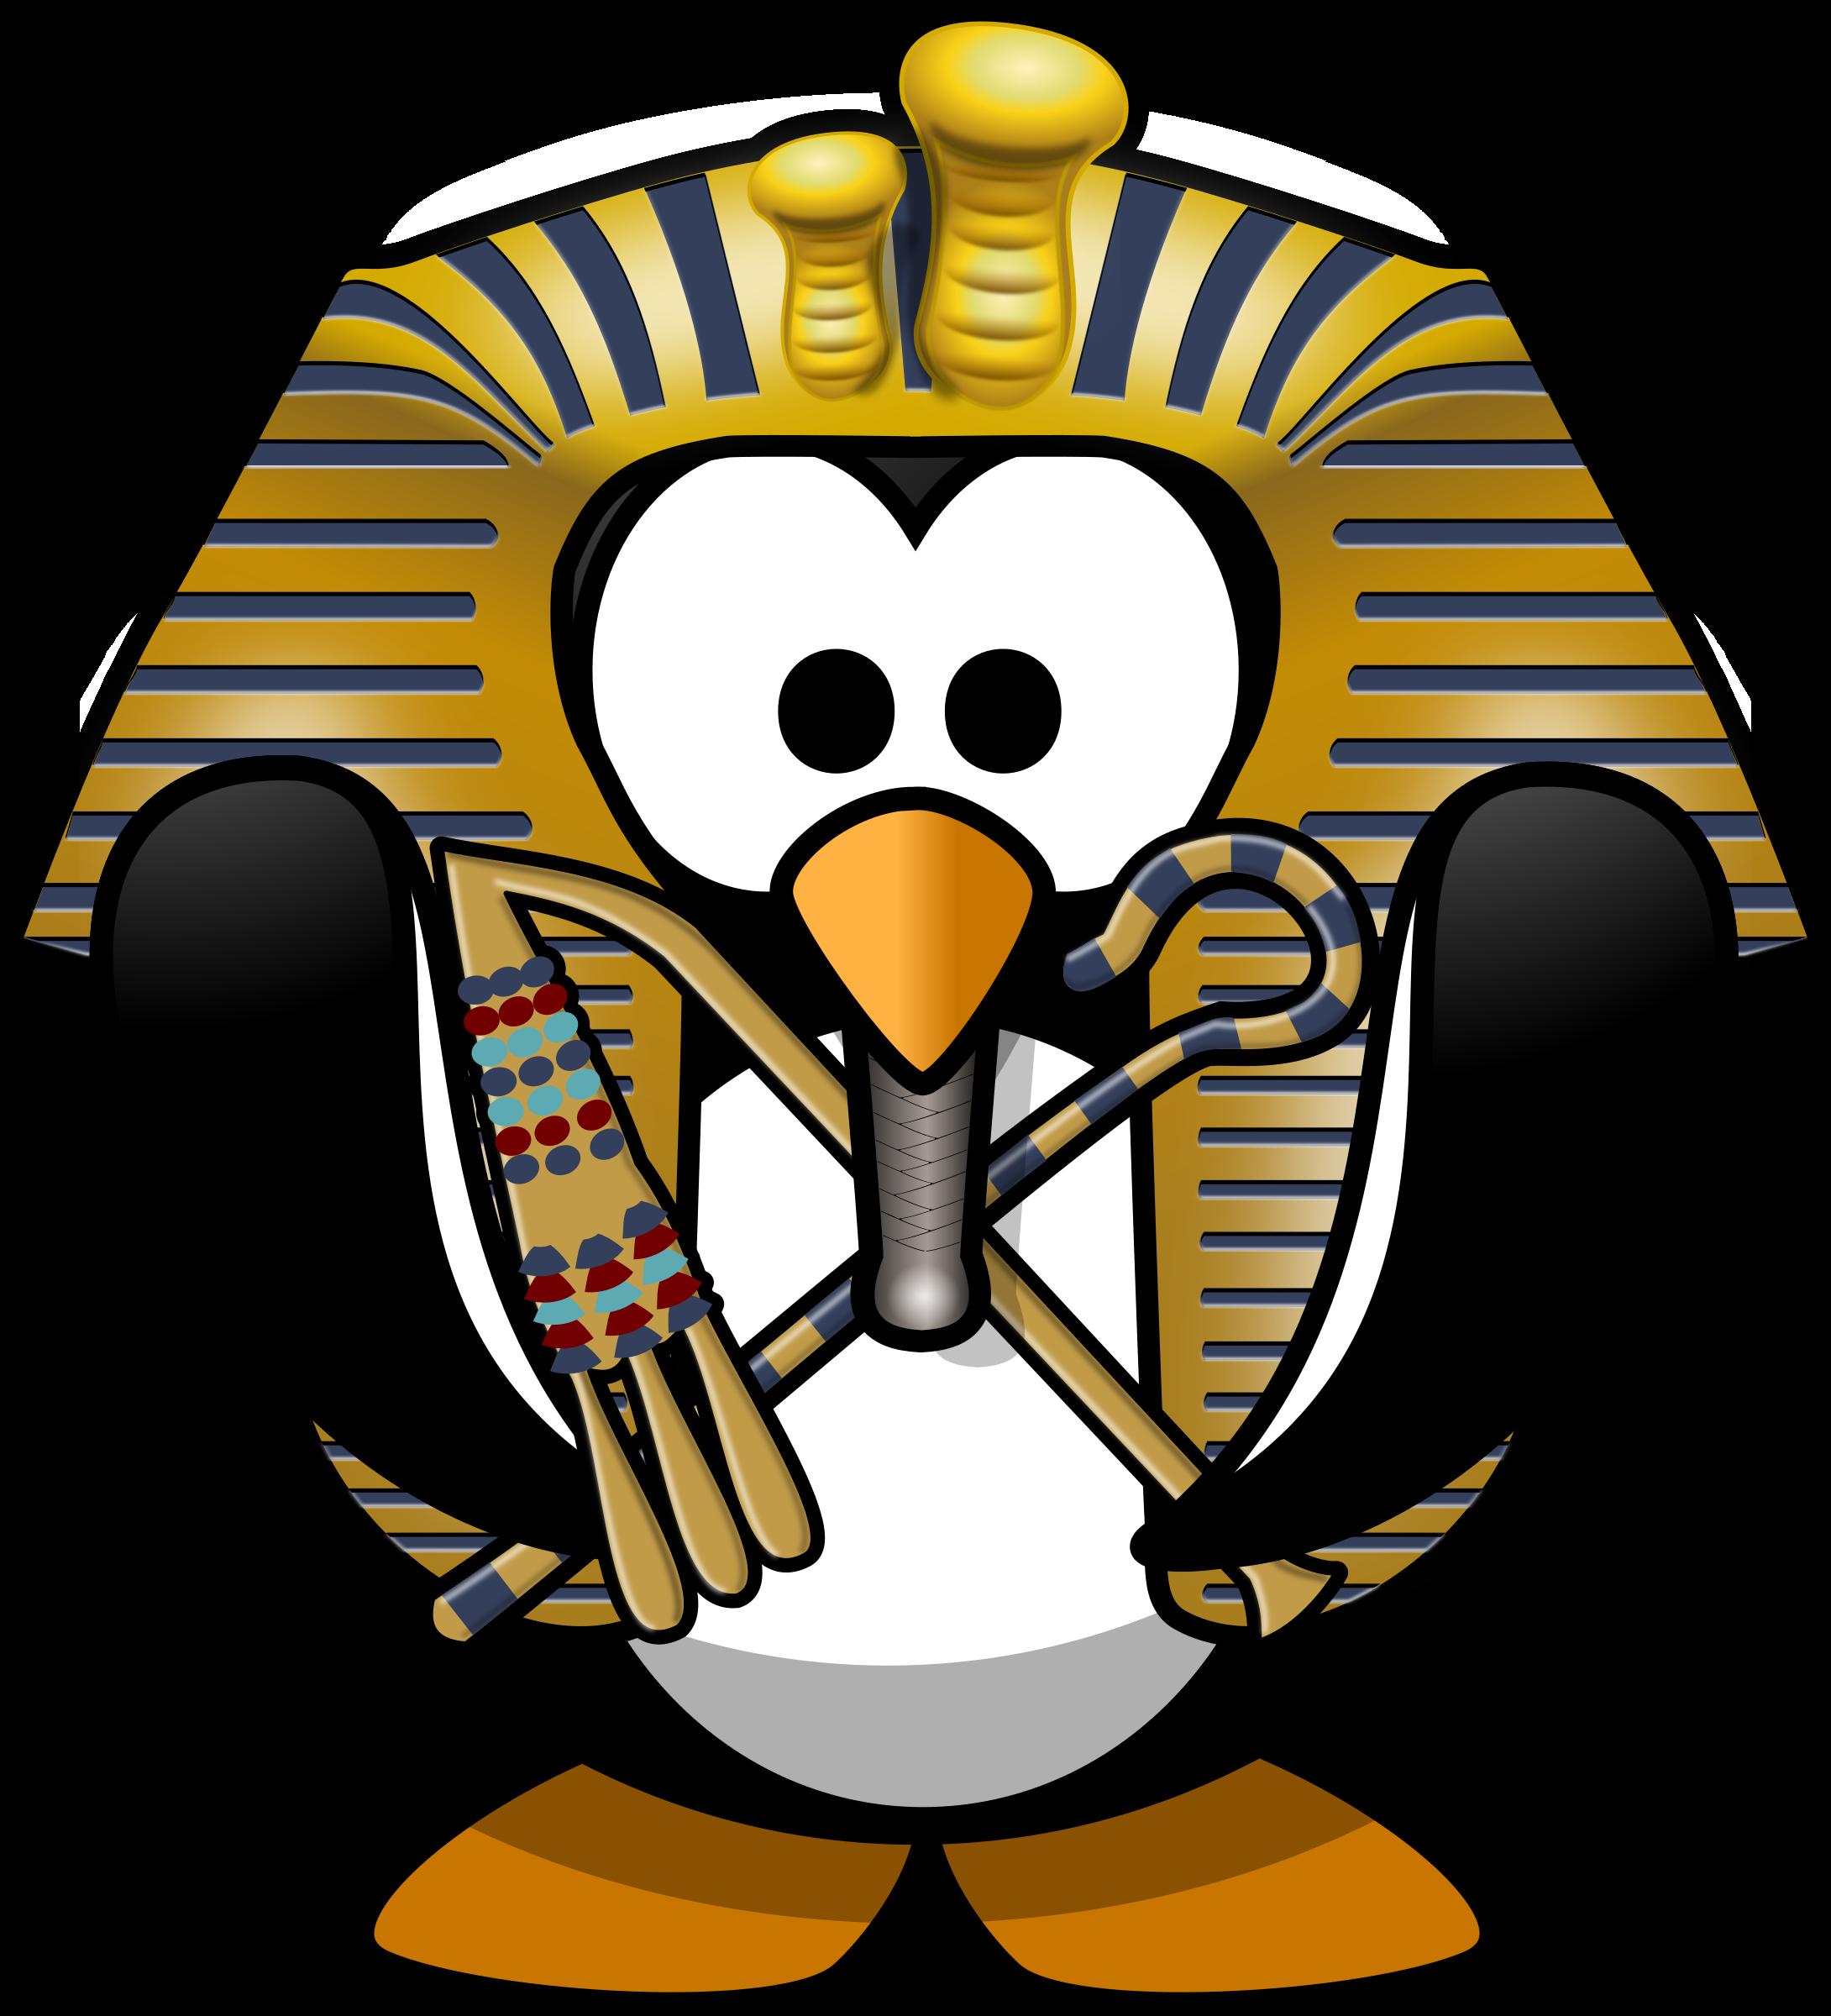 Penguin Tut Ankh Penguin Clipart